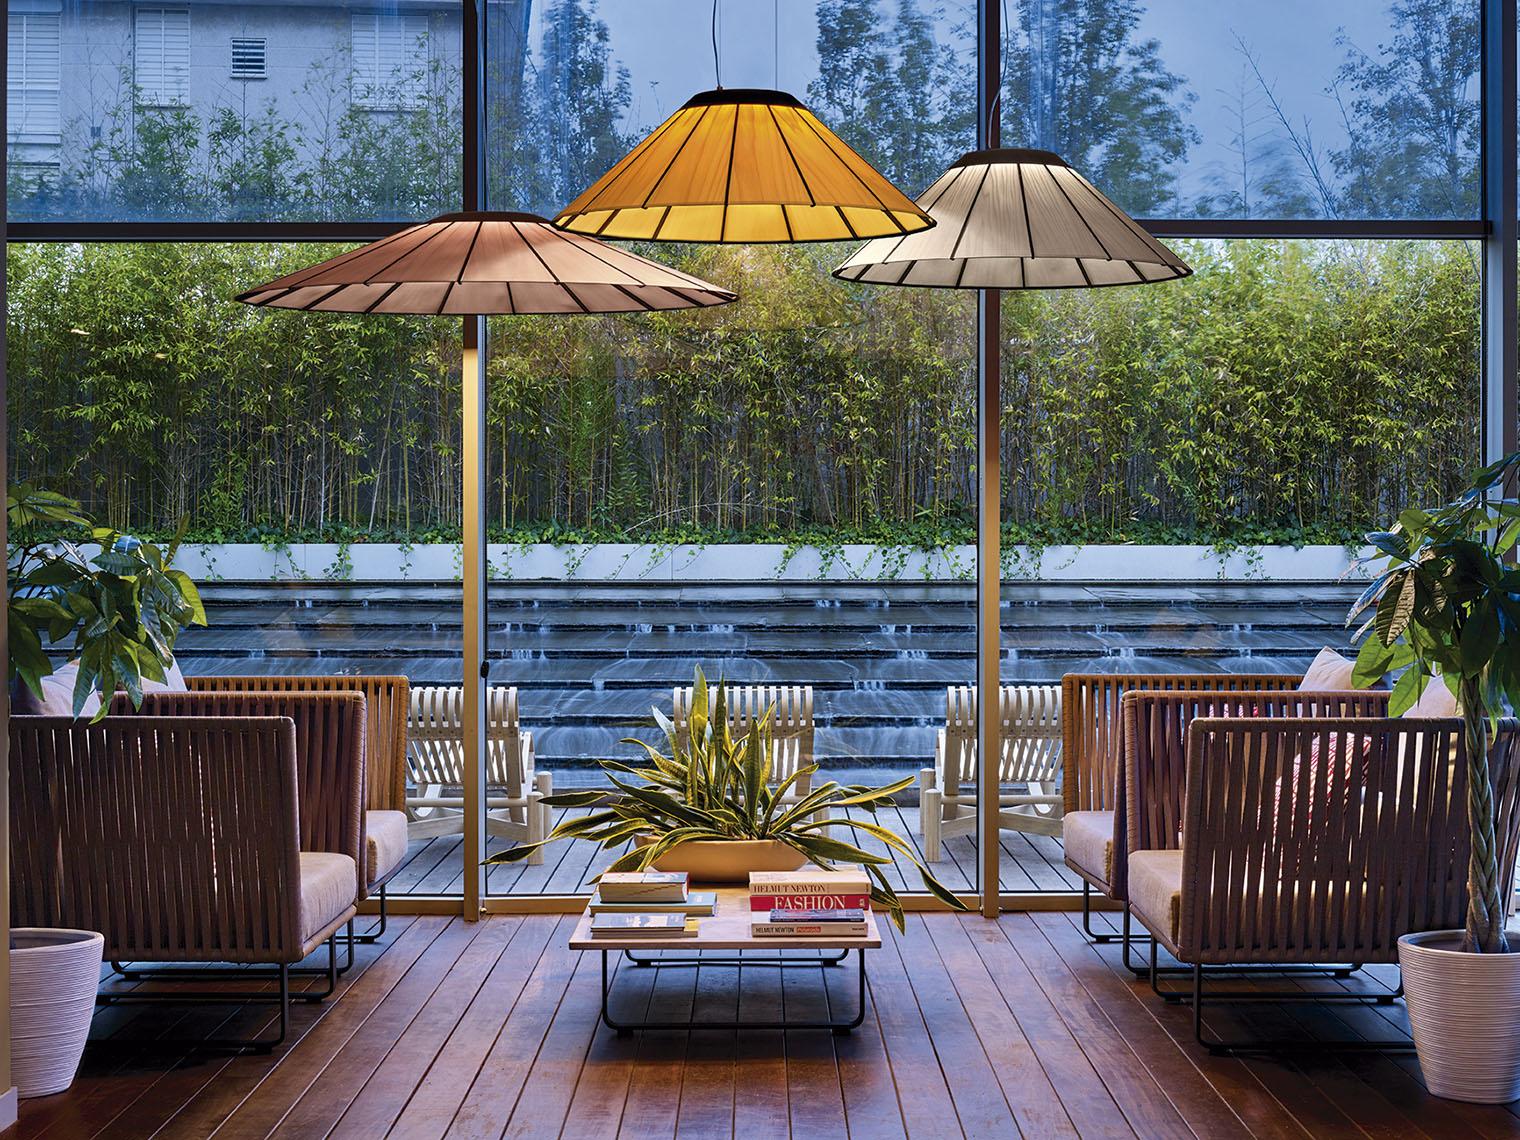 Lo mejor en arquitectura y dise o 2017 for Arquitectura y diseno de hoteles